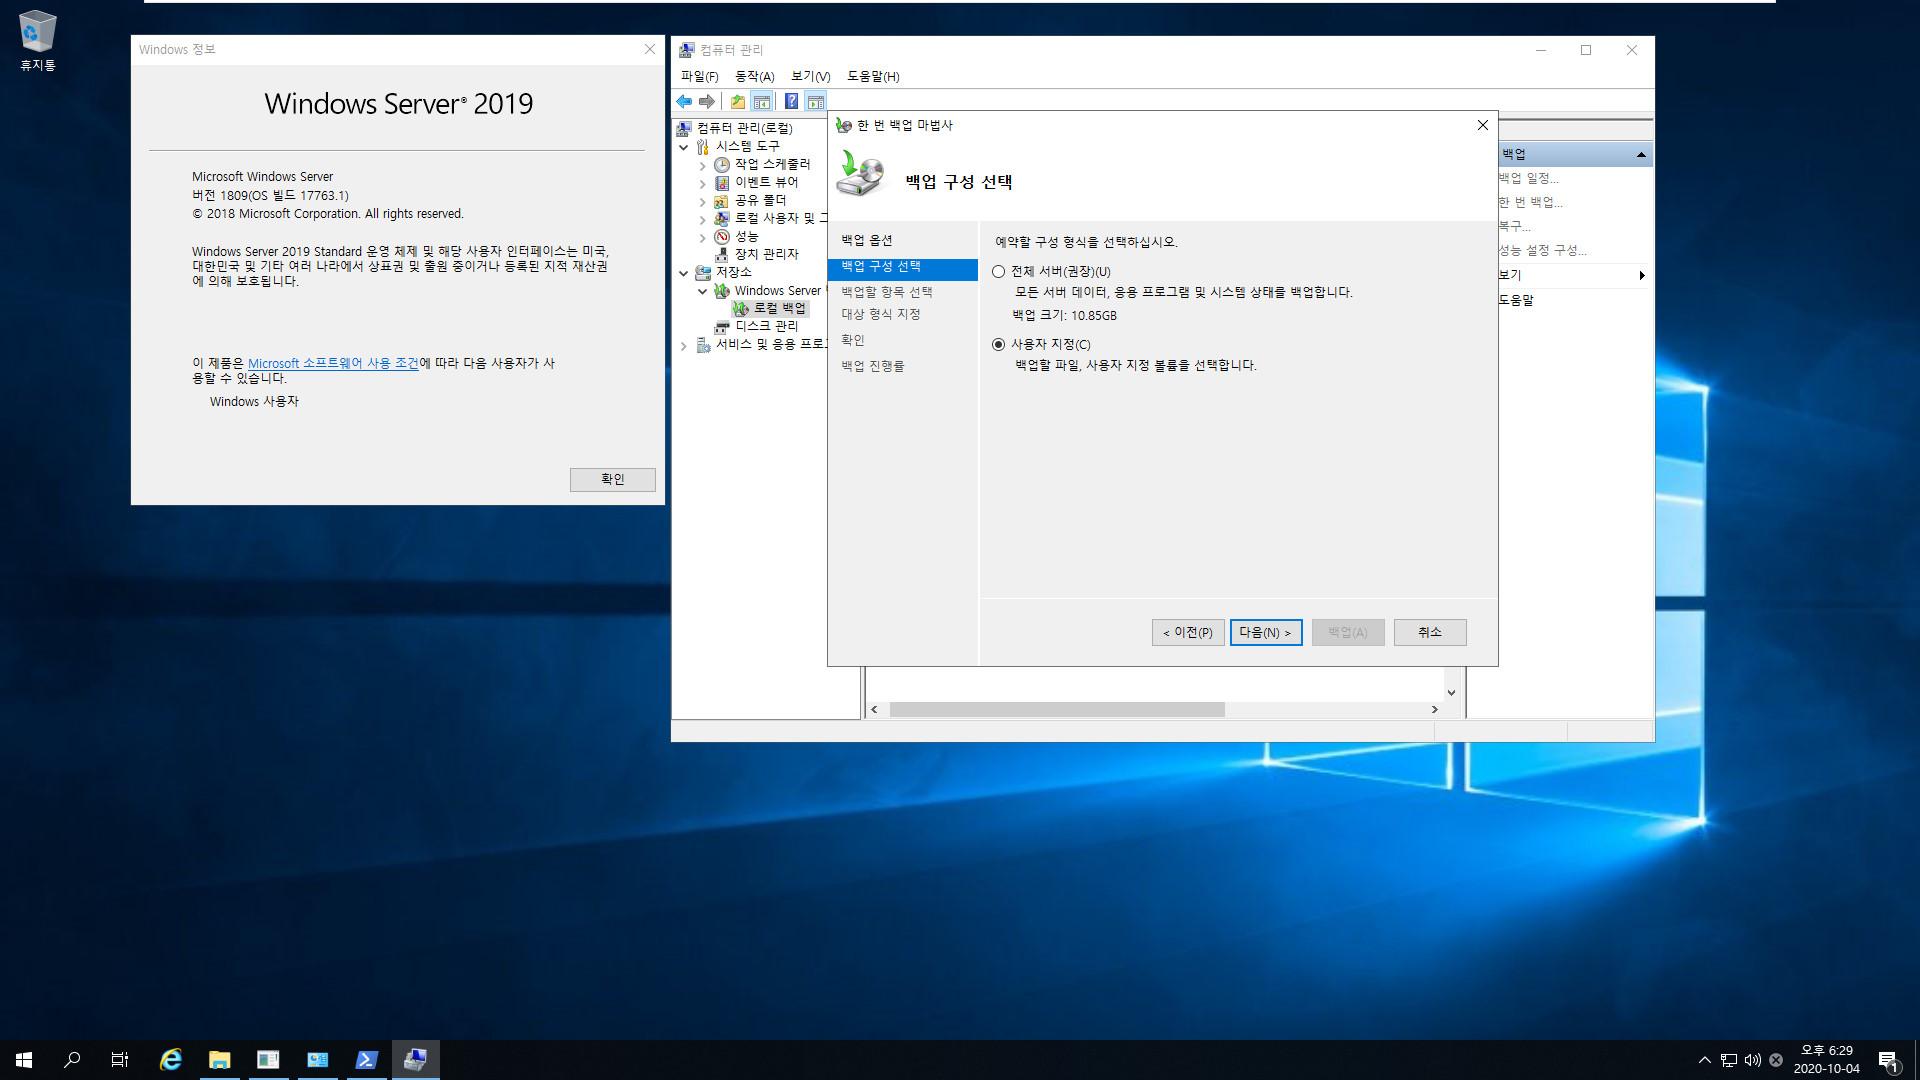 윈도우 서버군은 윈도우 사용중에도 자체 WBadmin 명령으로 윈도우 복구를 합니다 - Windows Server 2019로 복구 테스트 2020-10-04_182945.jpg